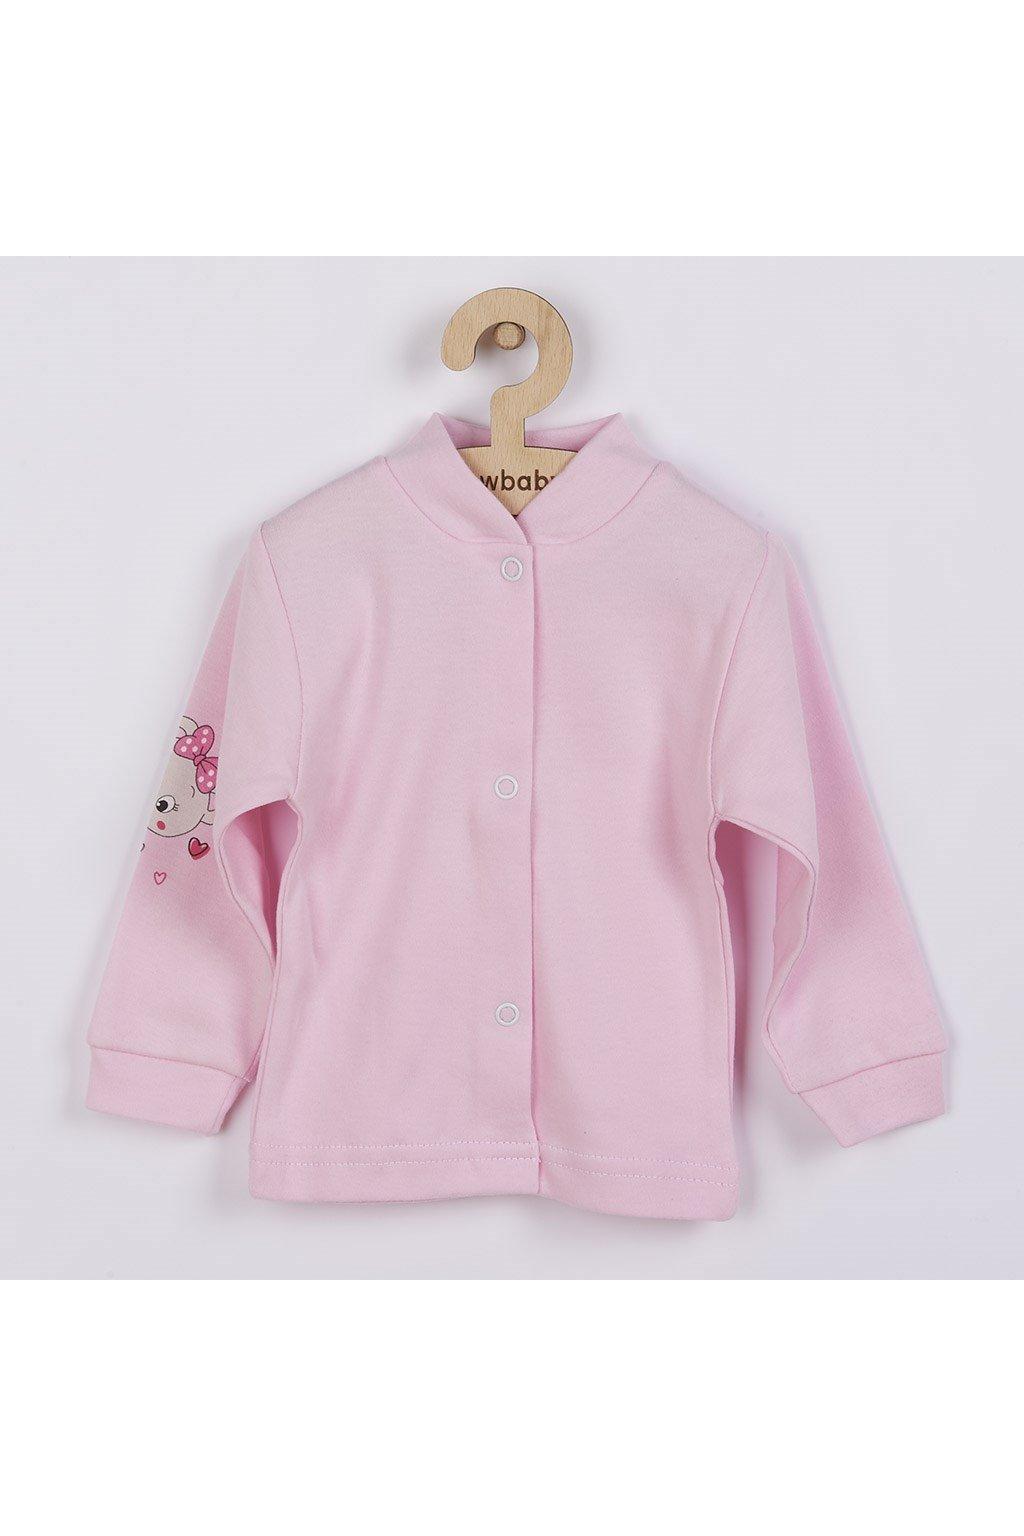 Dojčenský kabátik New Baby myška ružový